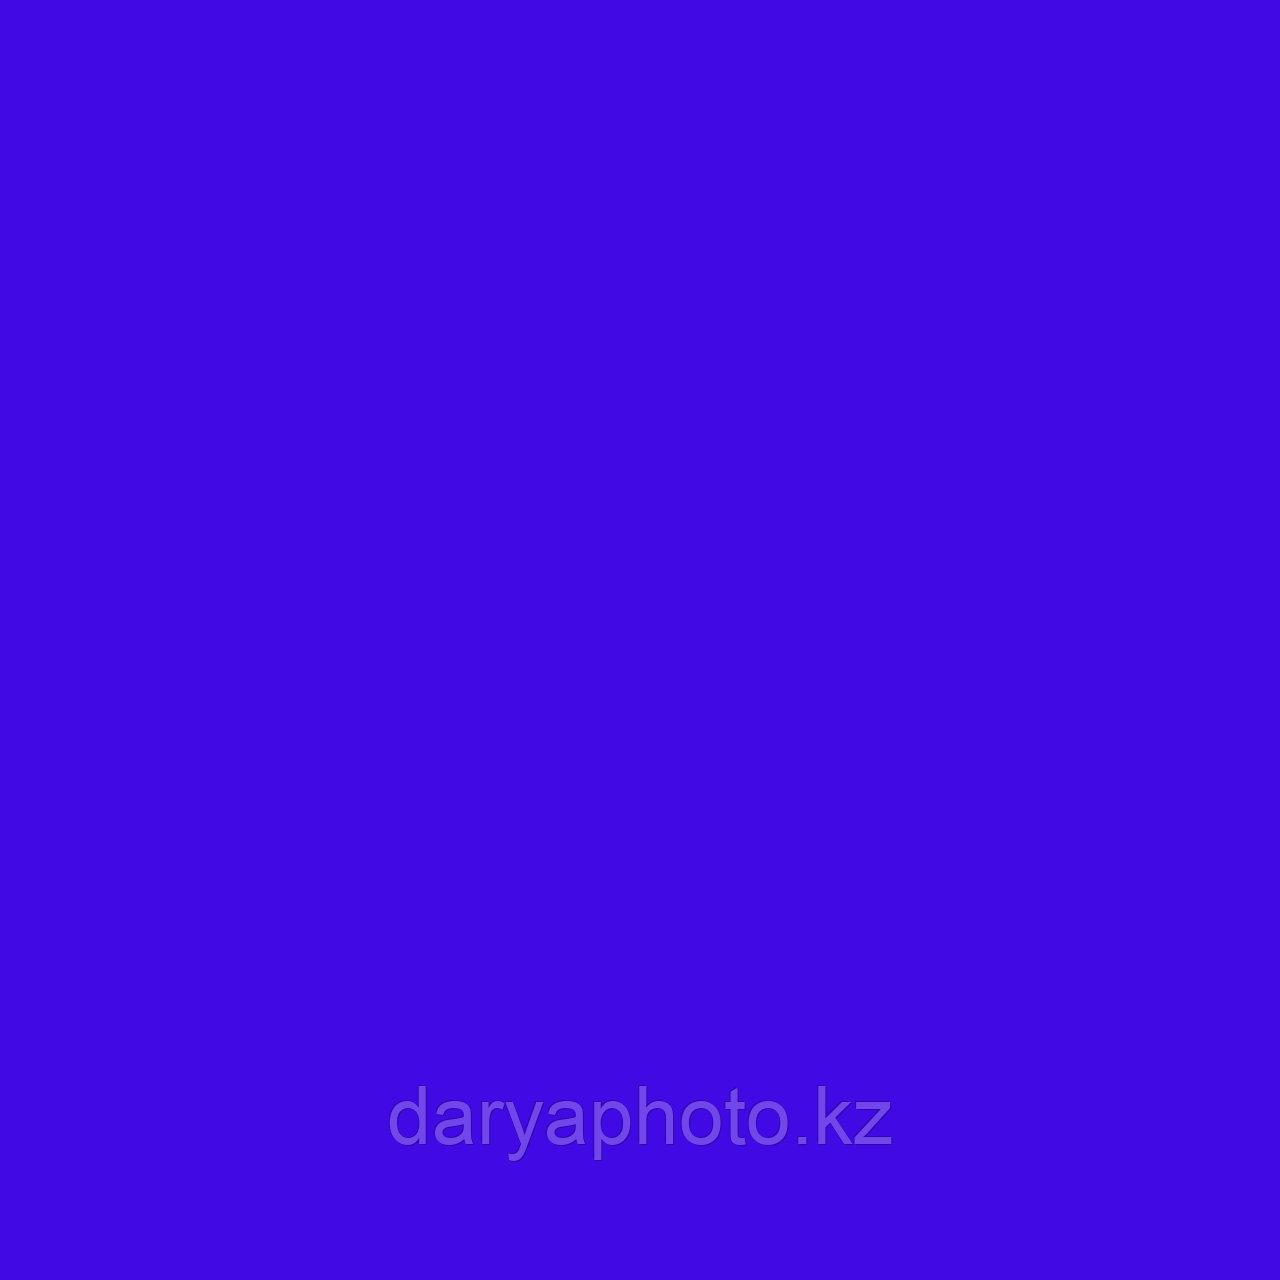 Синий сочный Фон бумажный. Фотофон. Фон для фотостудии